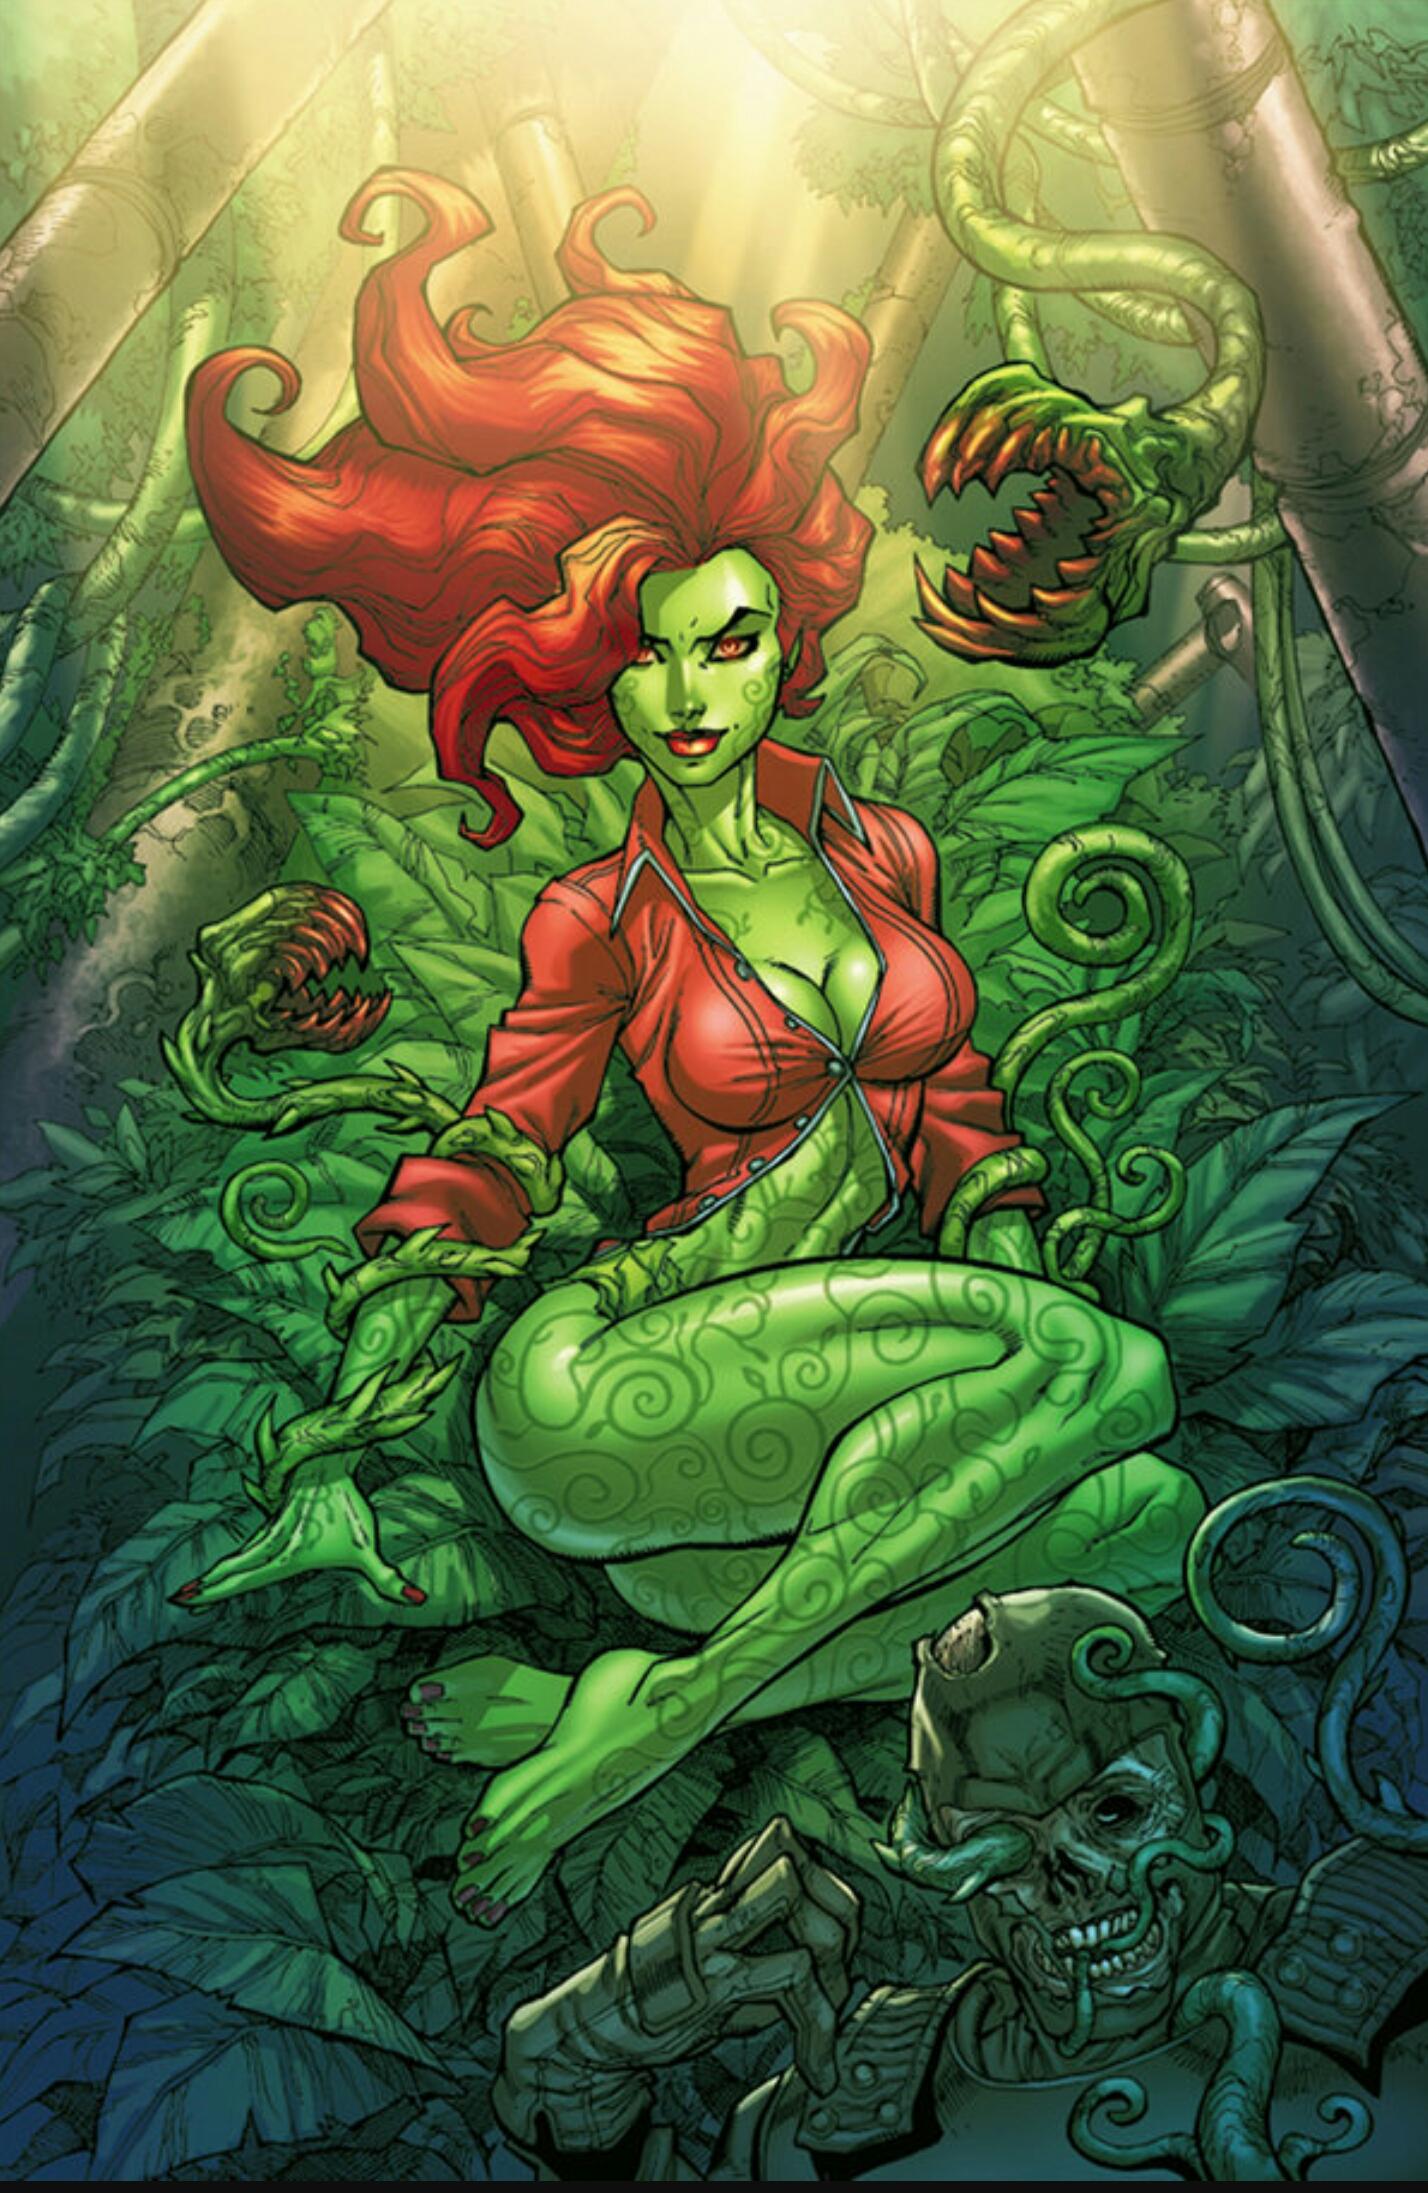 poison ivy girl naked